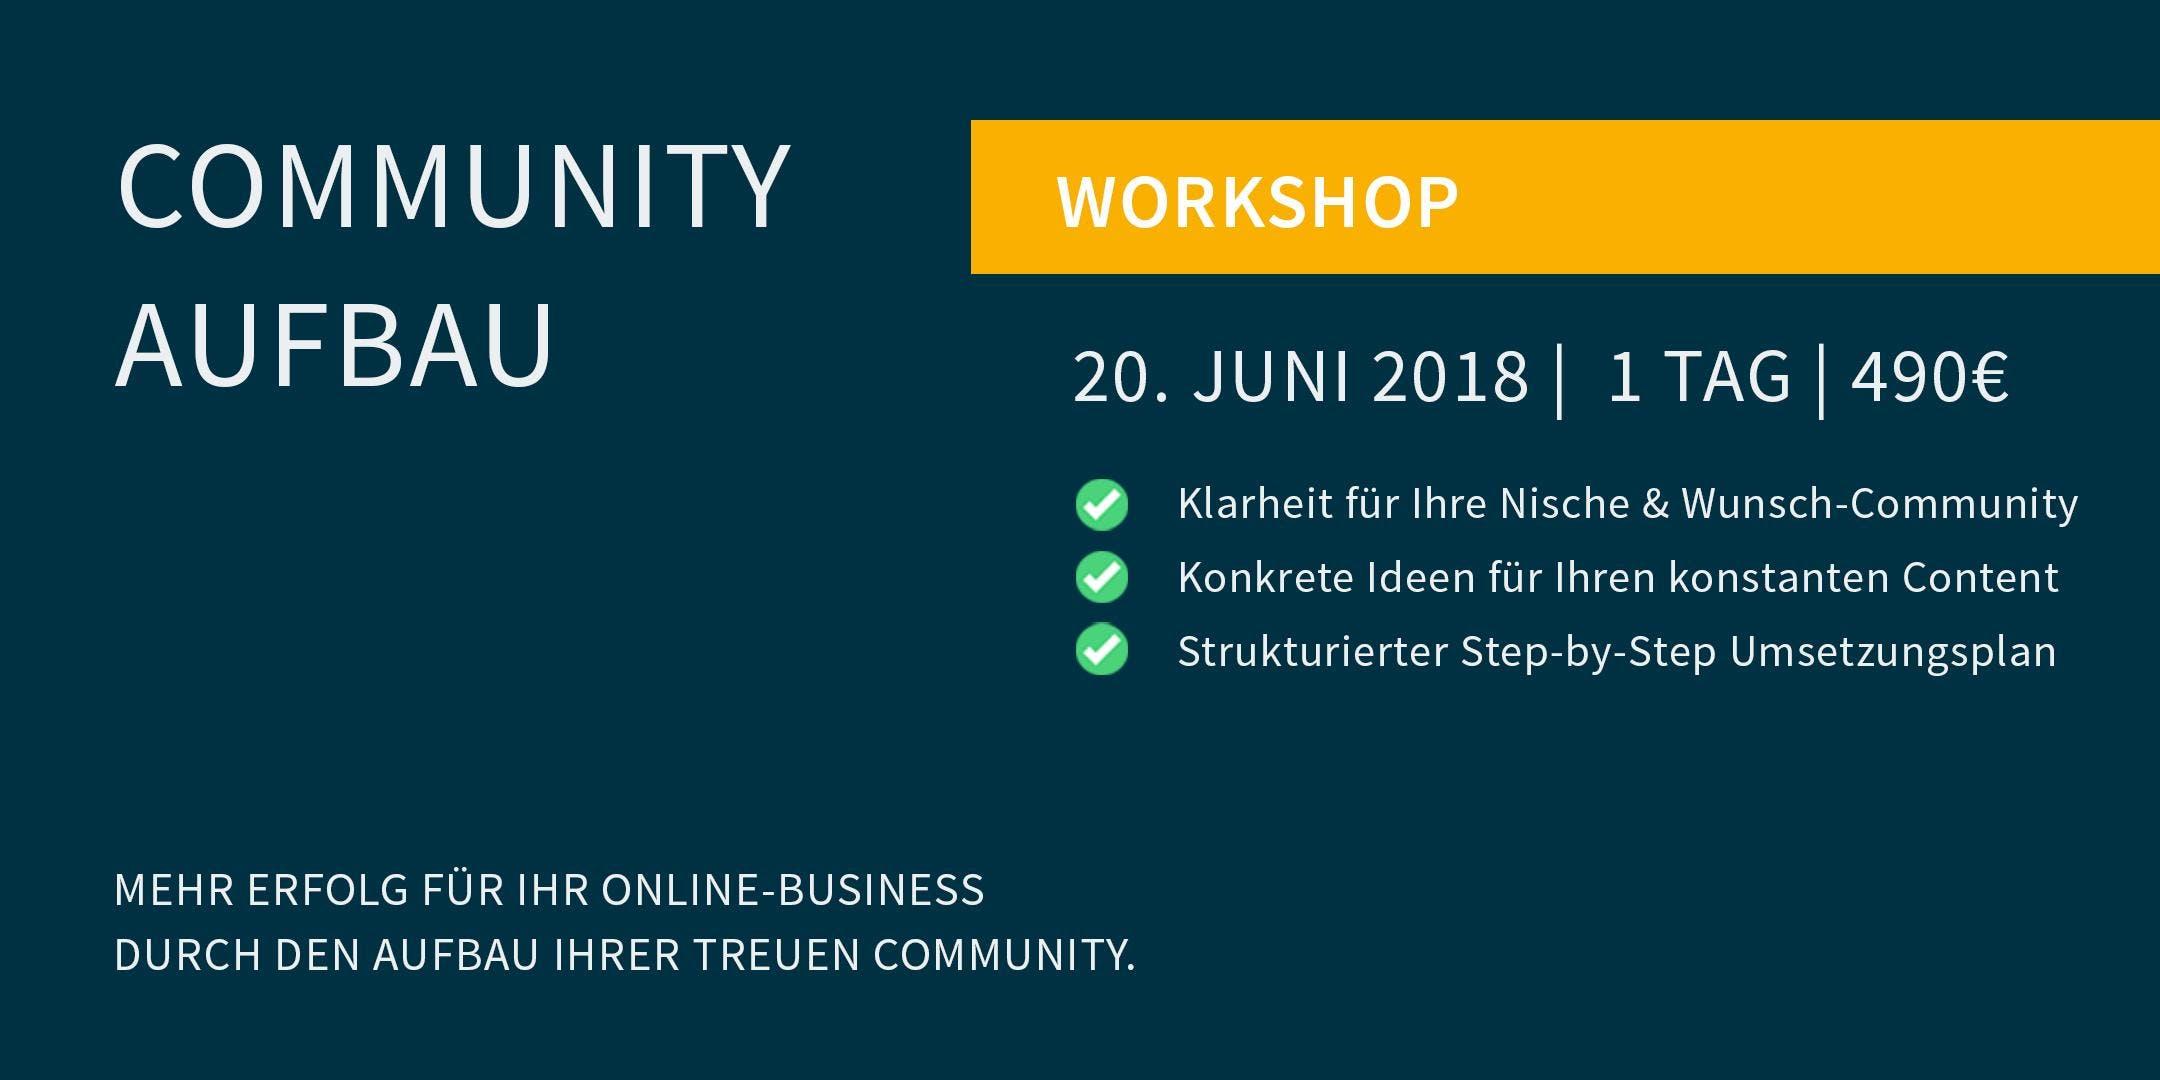 Workshop Community Aufbau